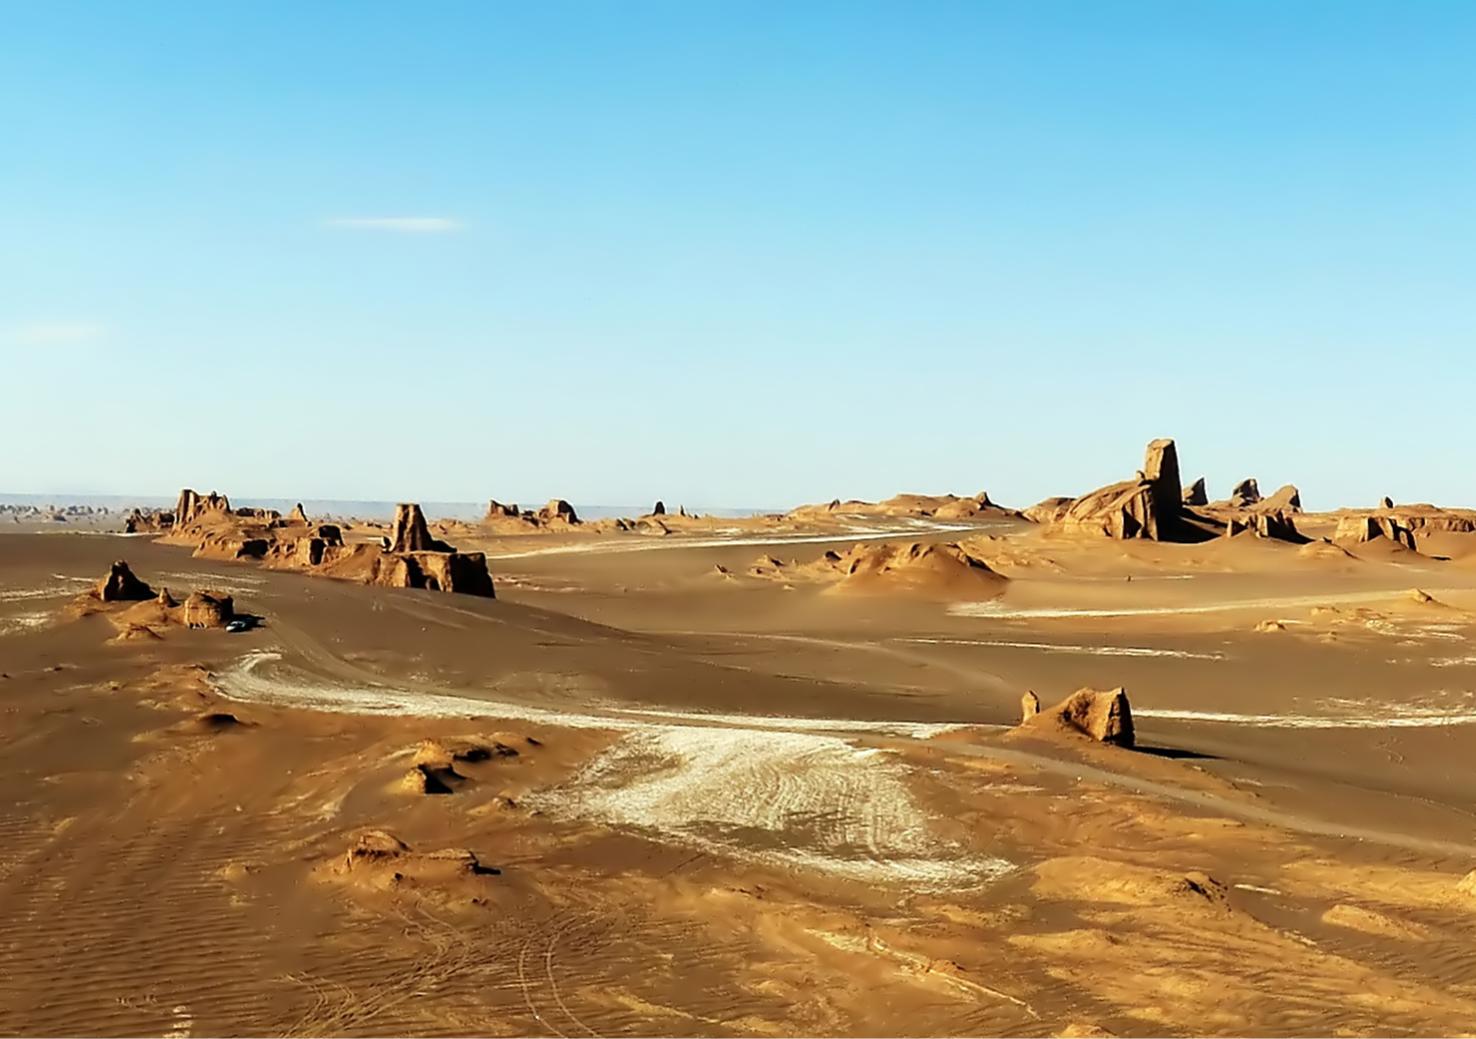 Desert pic